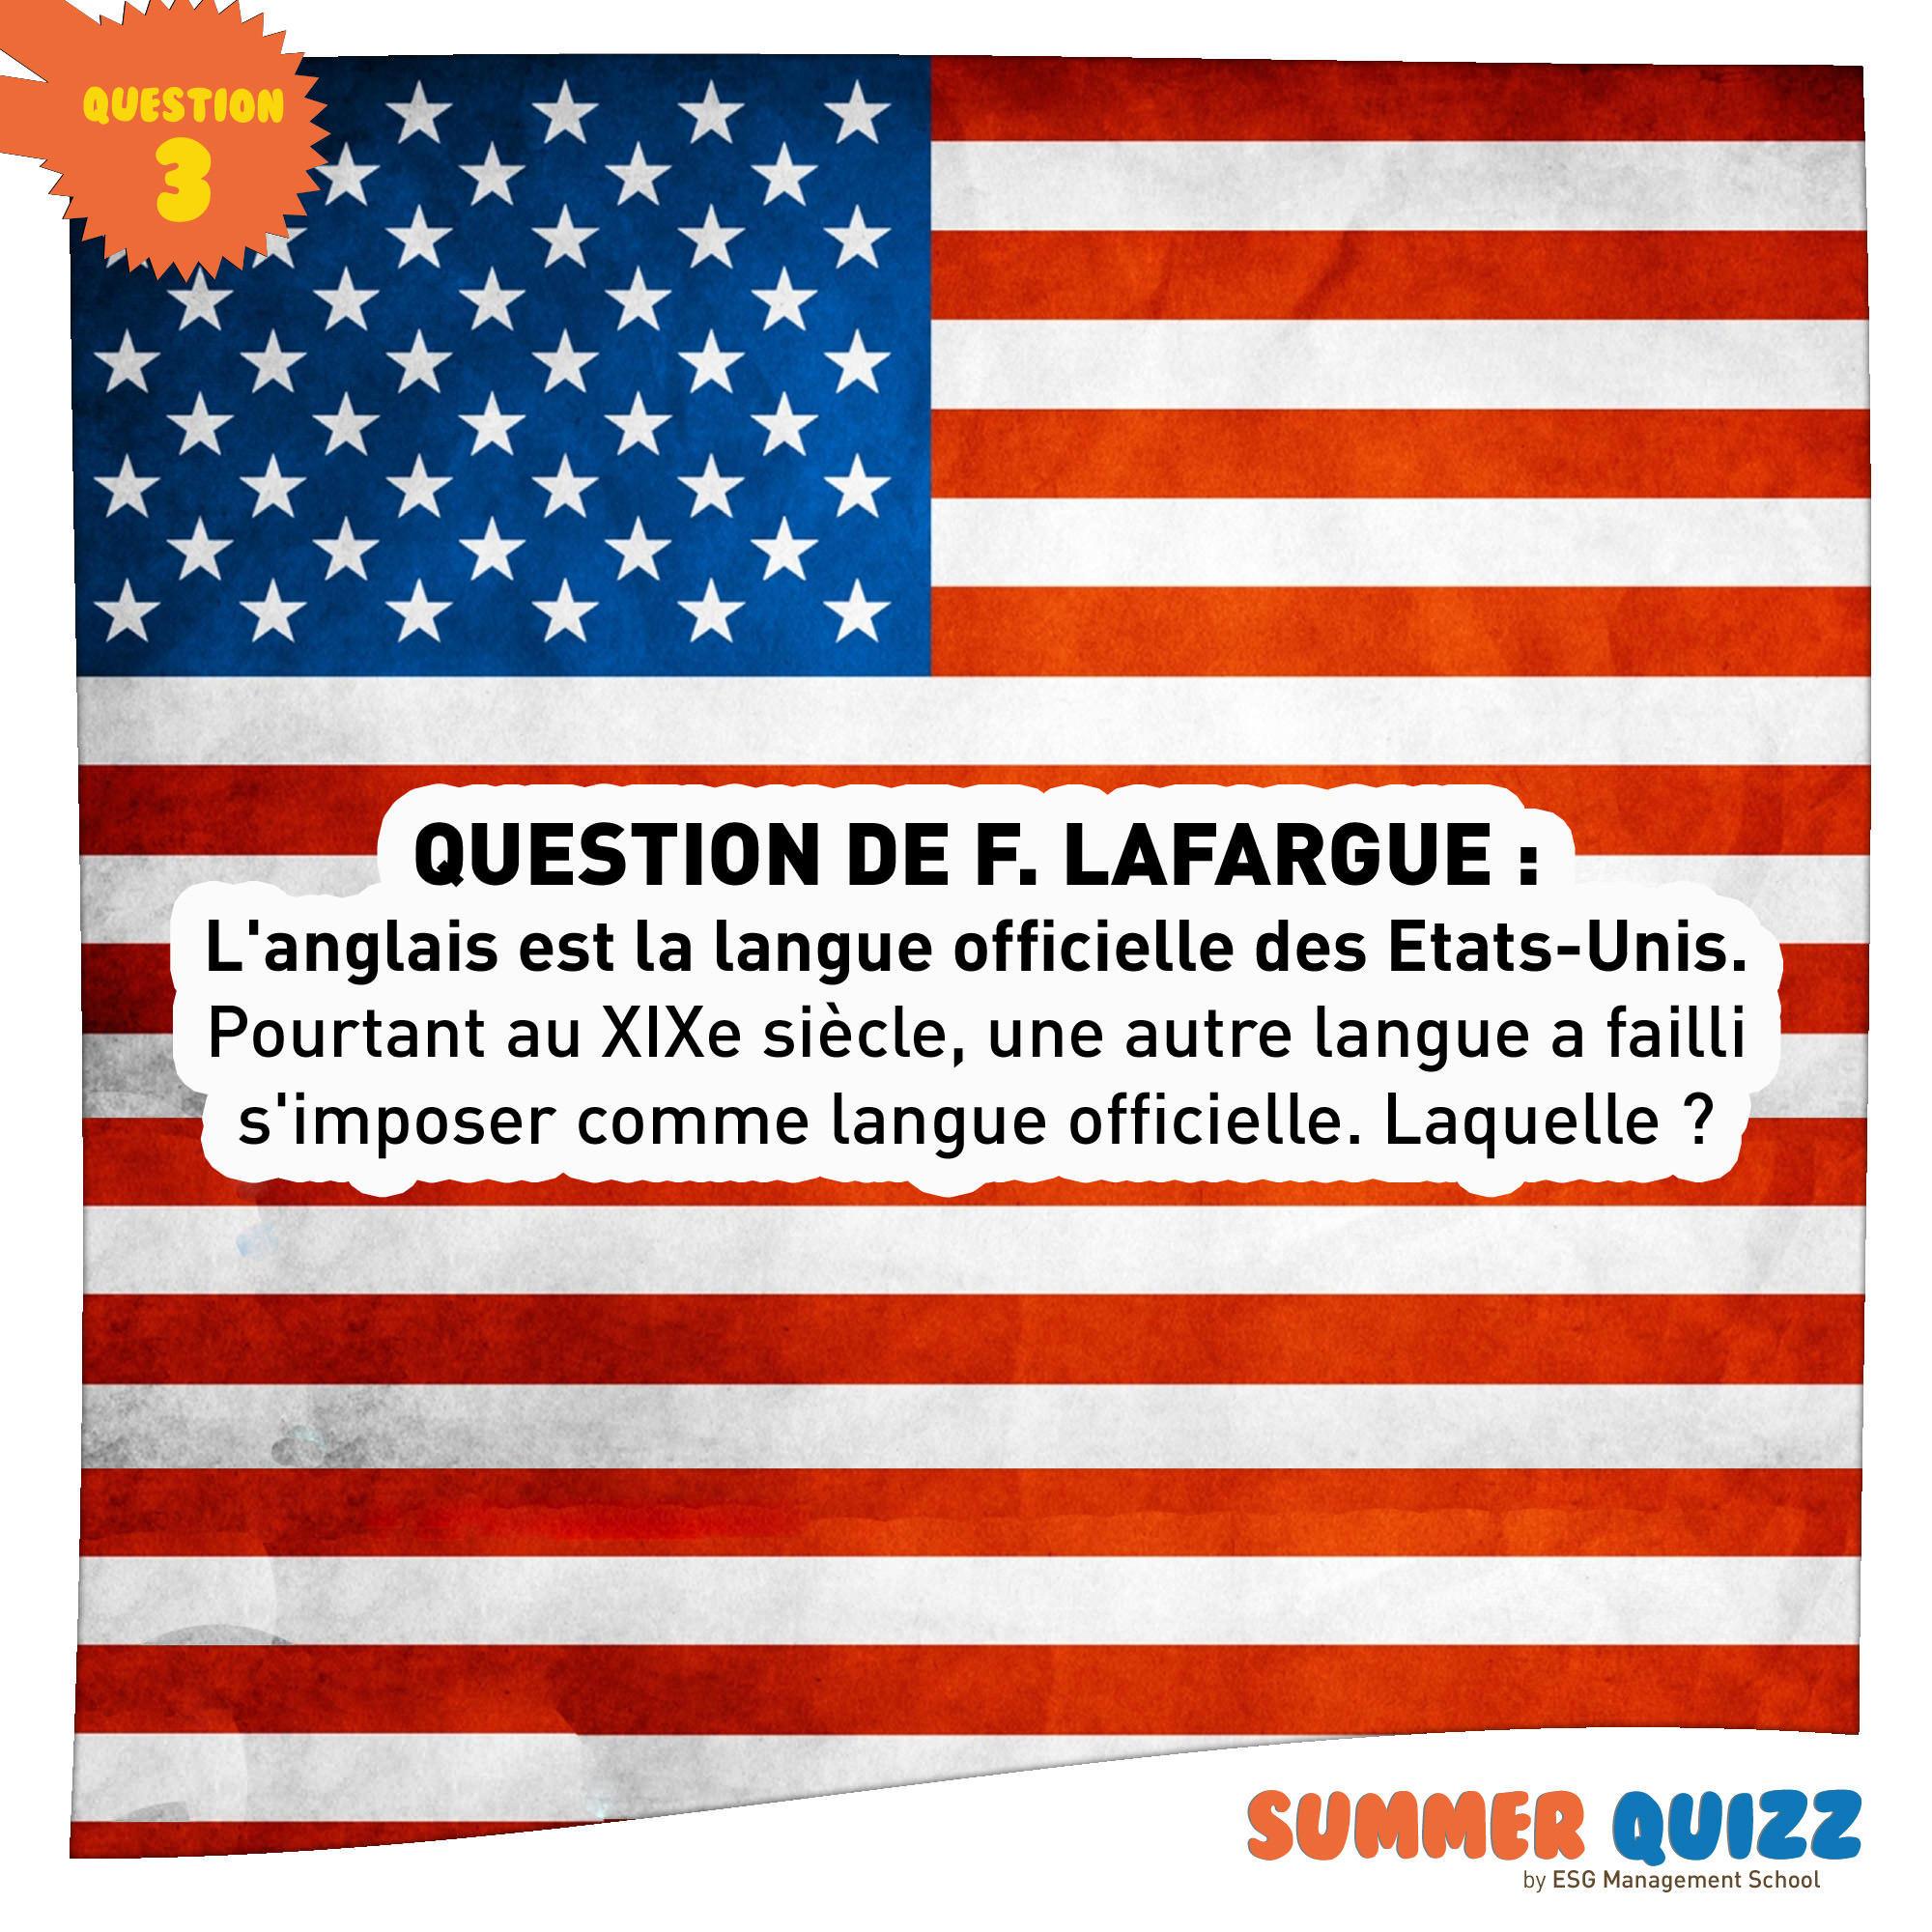 Summer Quizz #3 - Réponse et gagnant